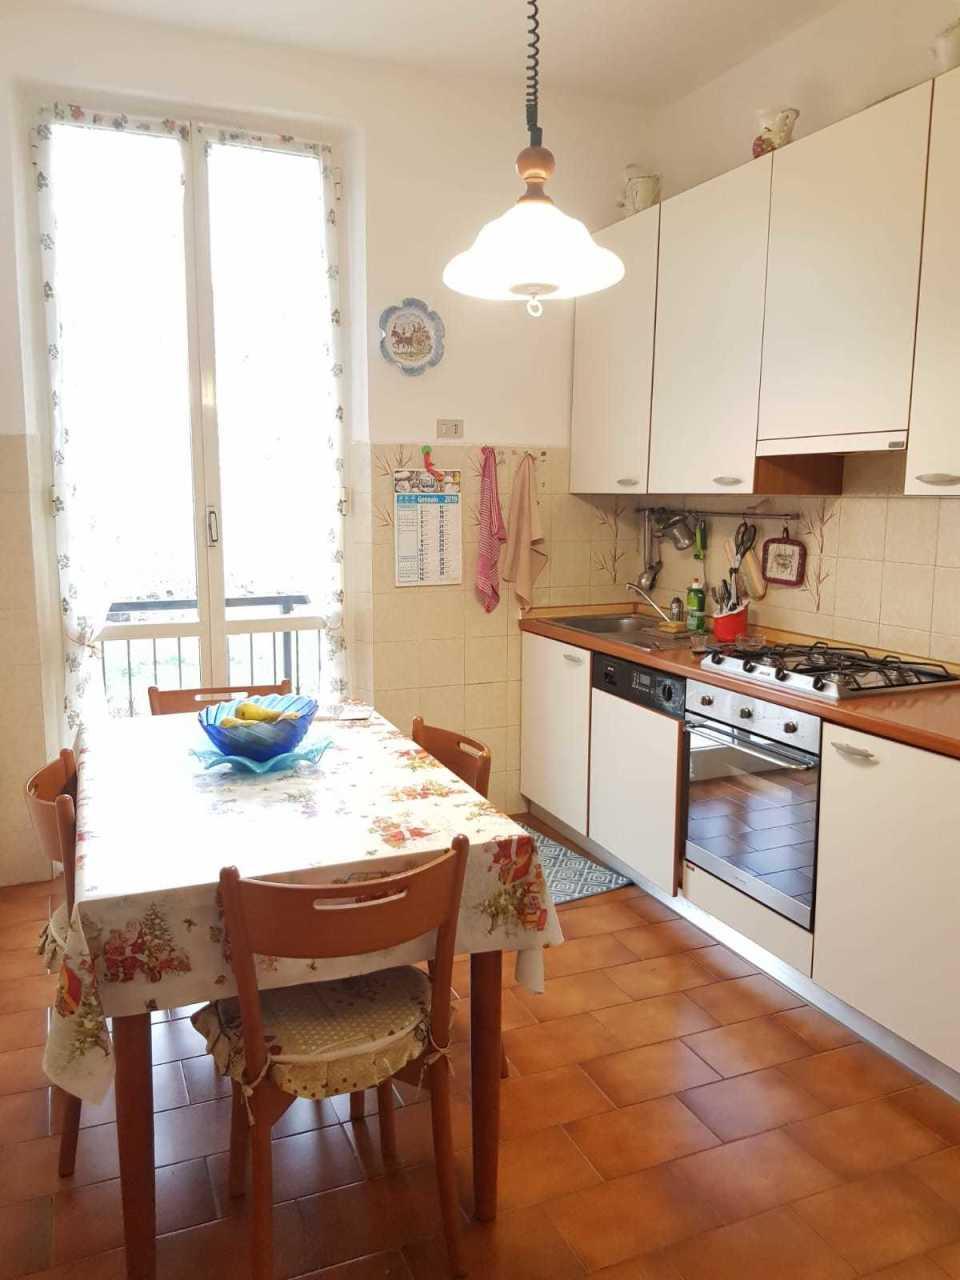 Appartamento - Pentalocale a Maggiolina, La Spezia